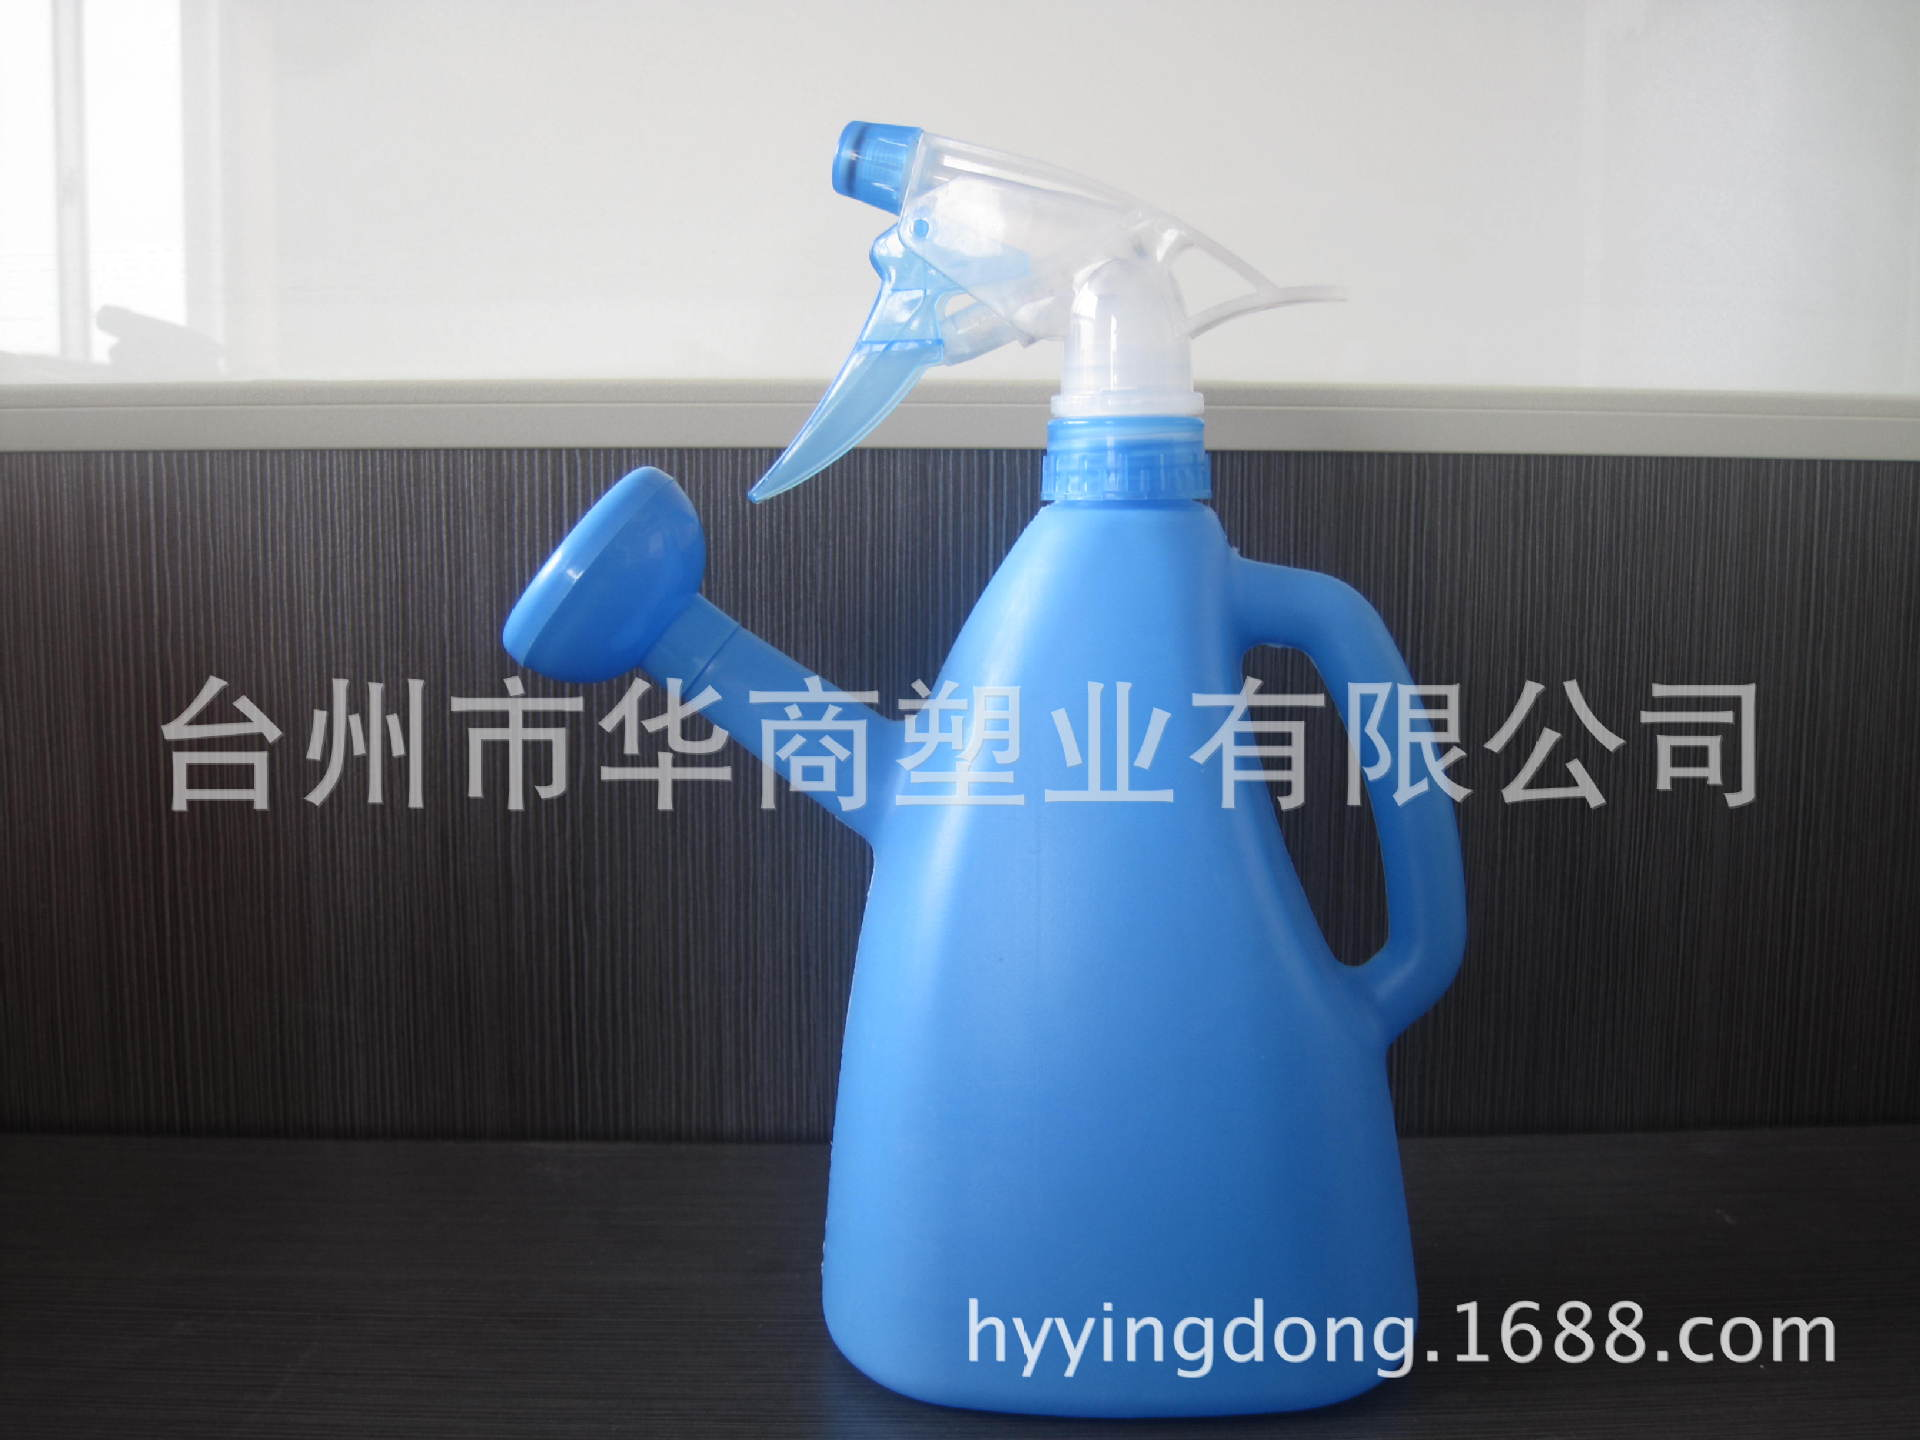 产品信息-灌溉工具 实用经济便携塑料带洒水壶嘴,浇花壶,喷壶,多